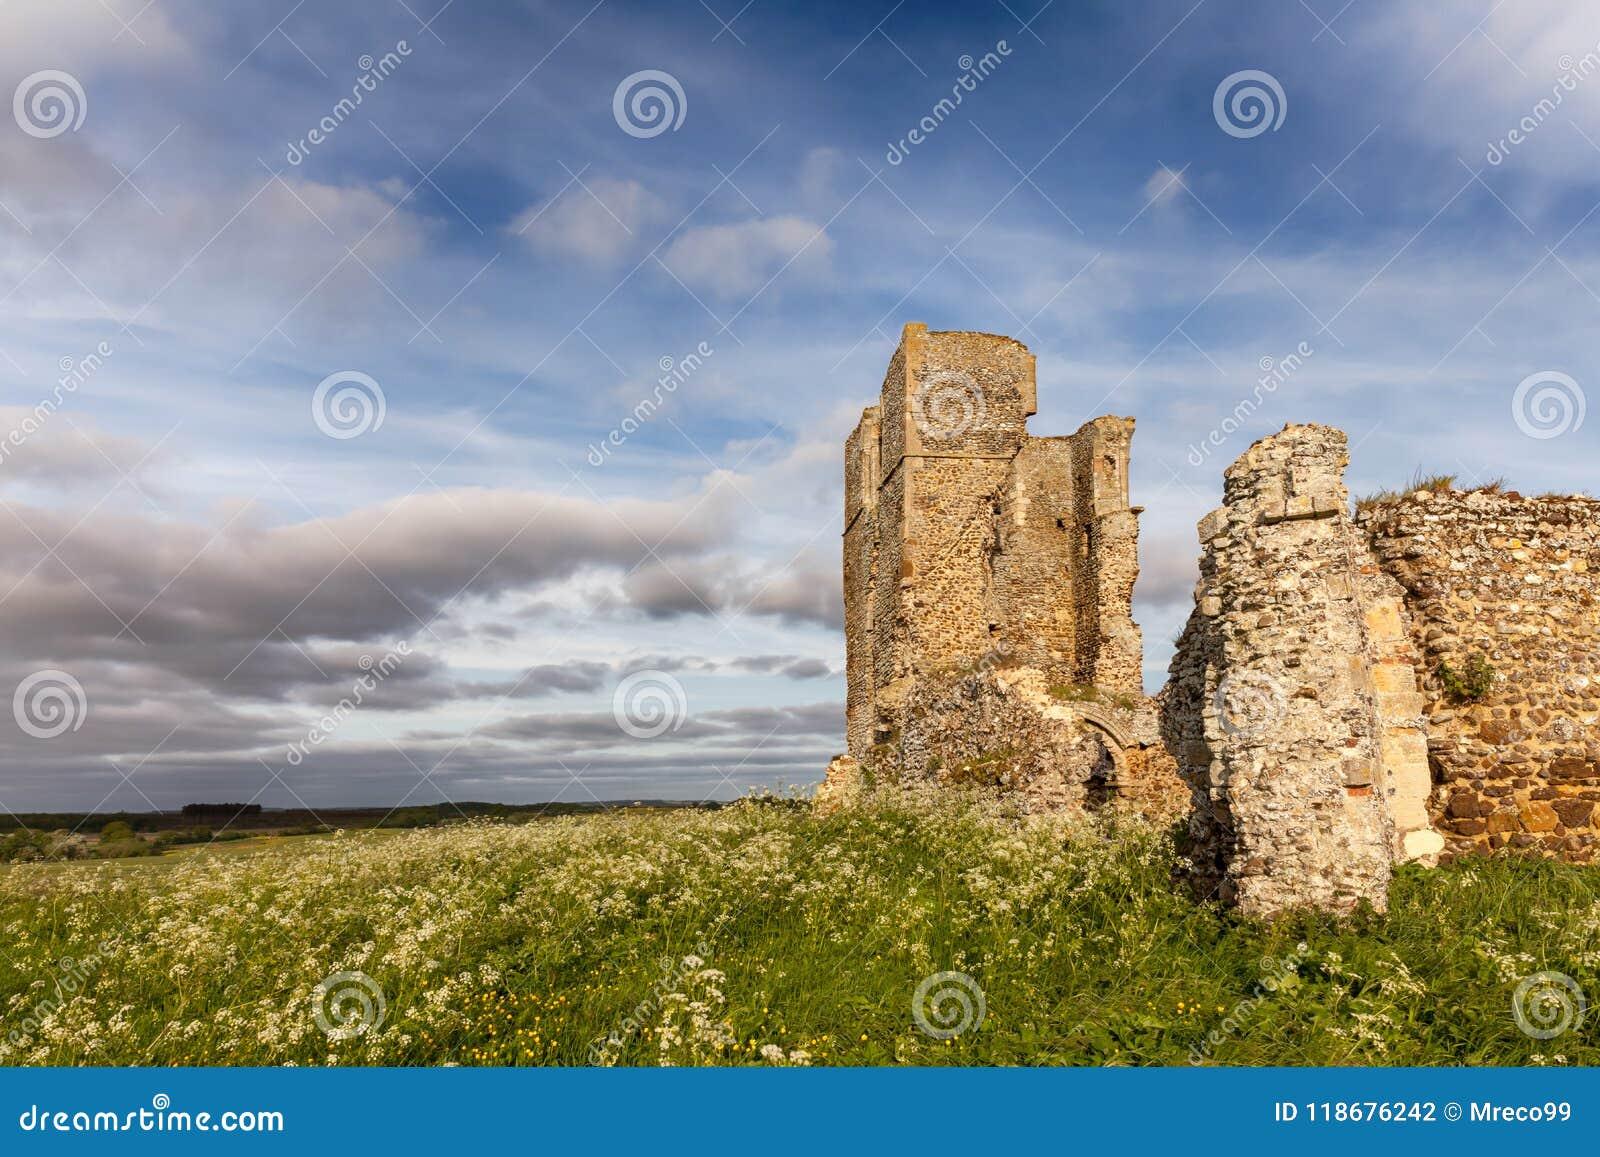 Rovine antiche nel paesaggio rurale di inglese